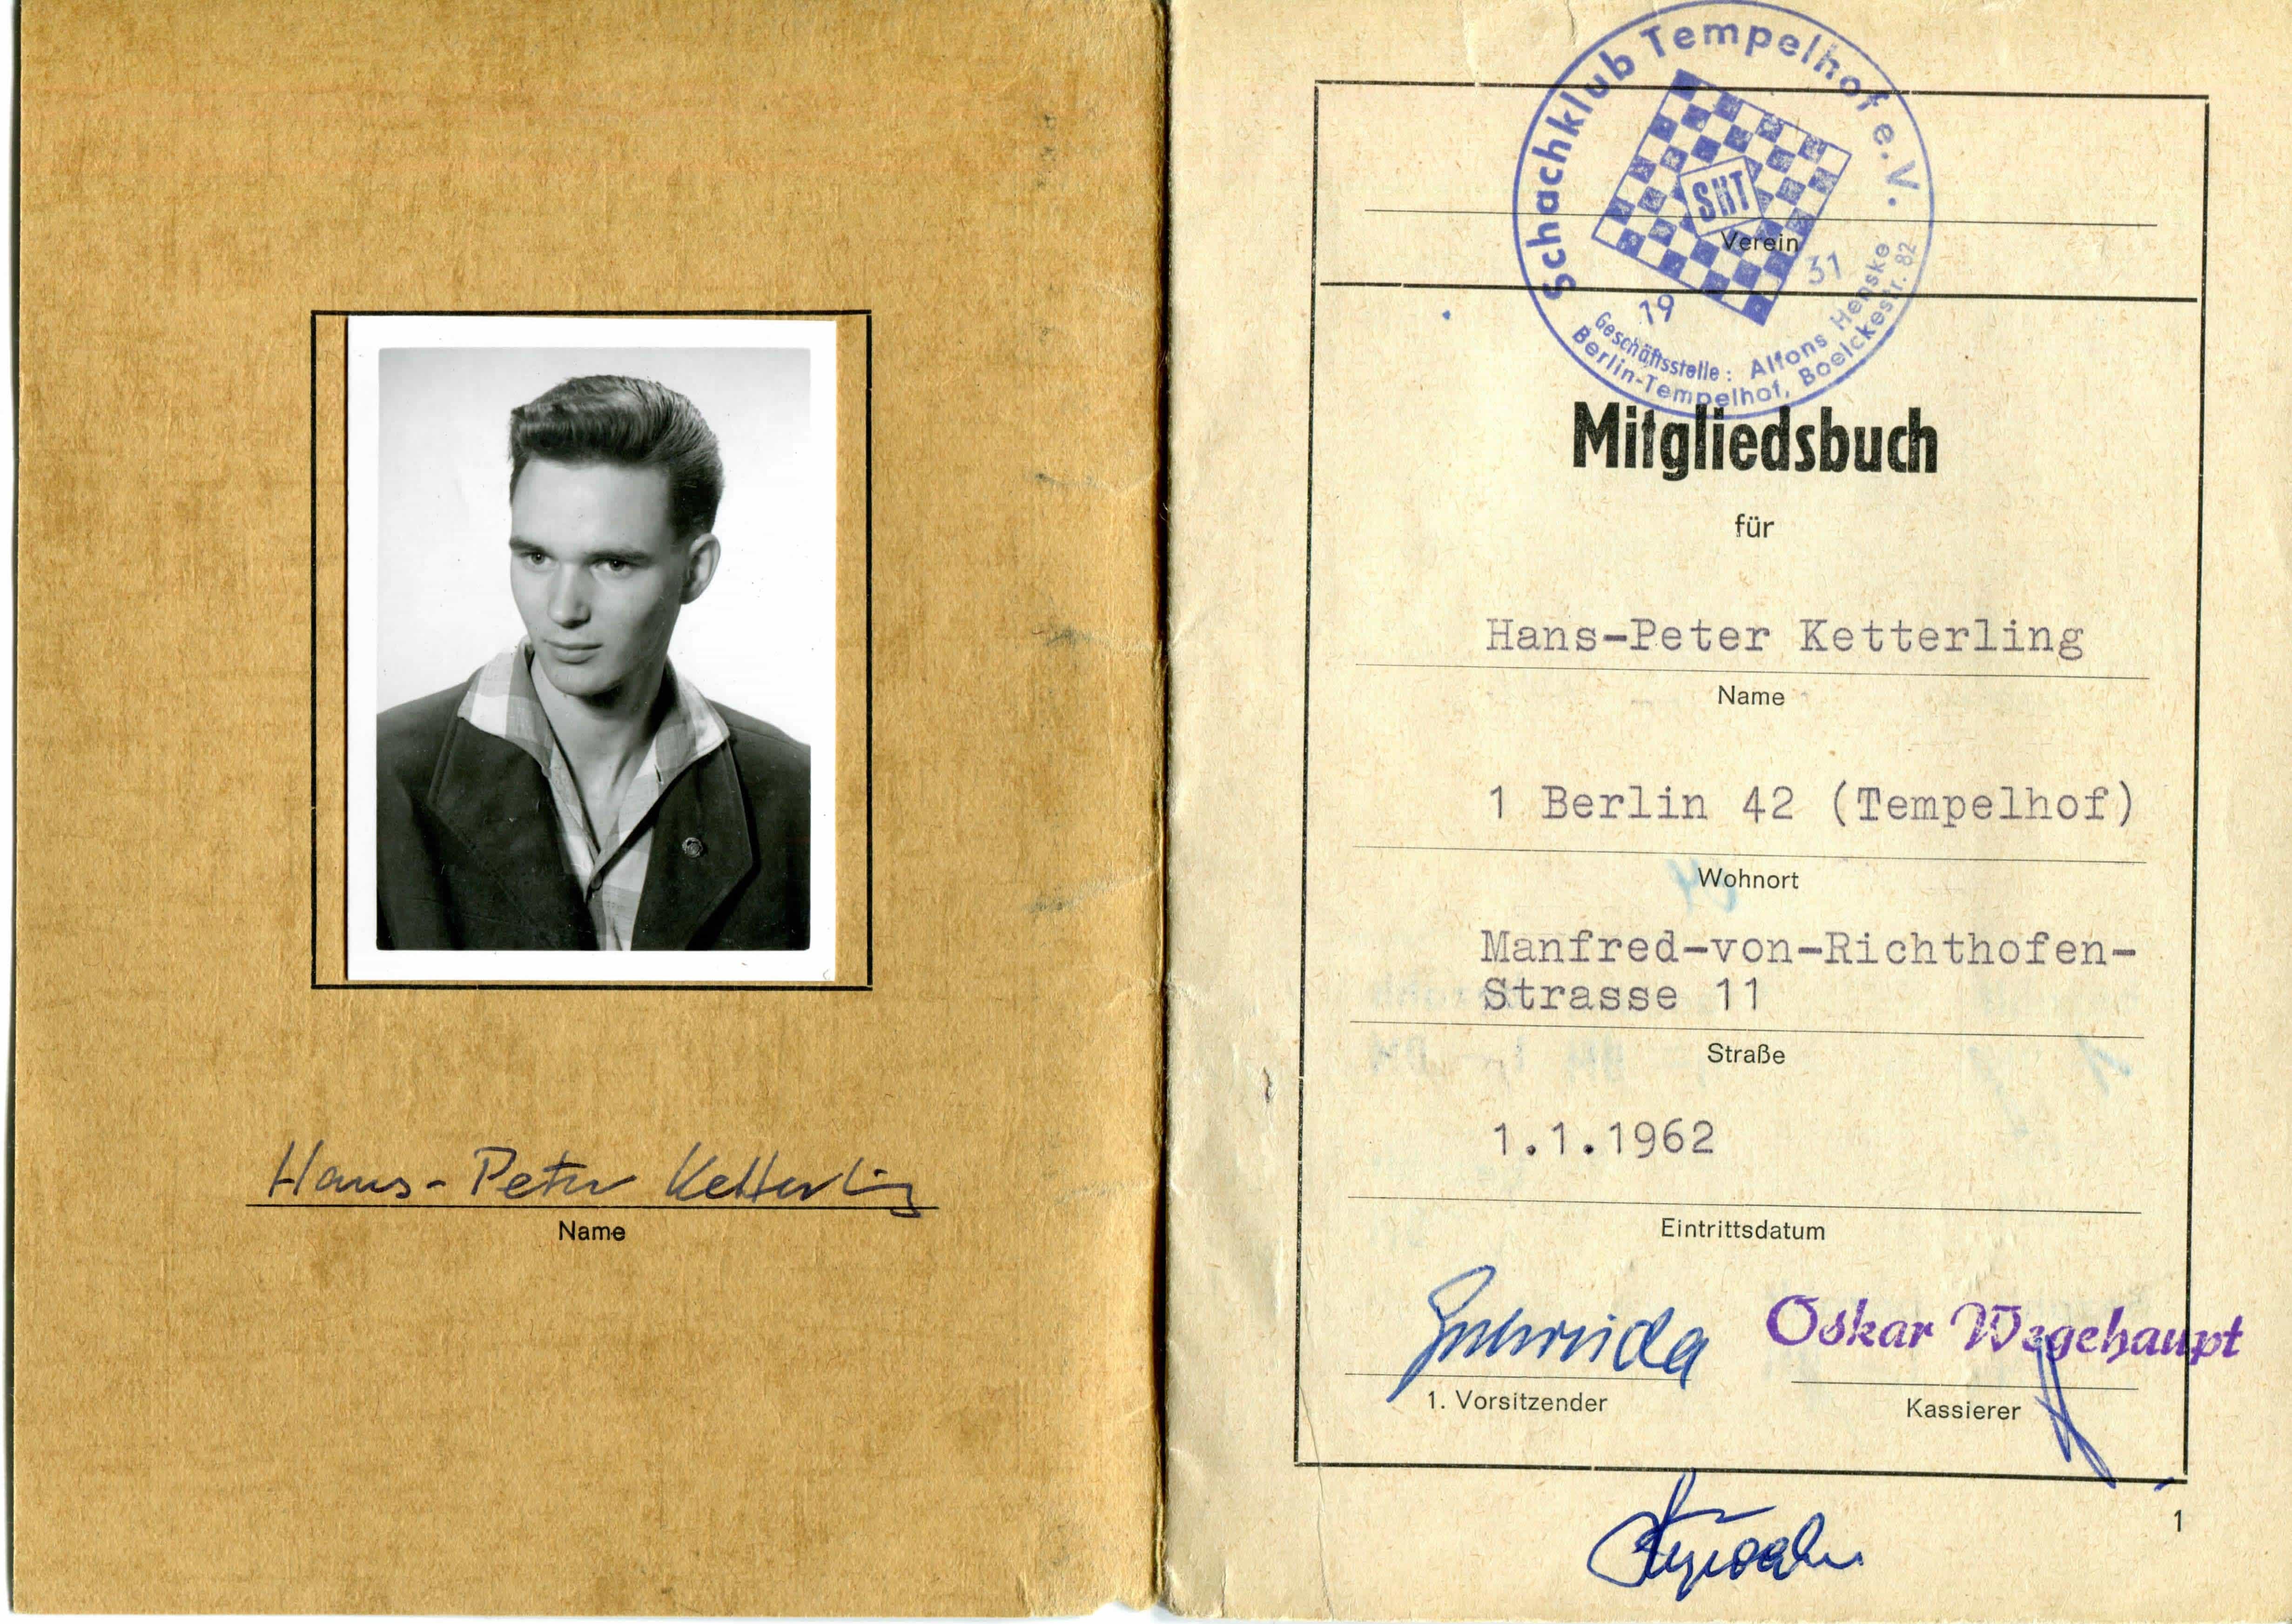 SKT-Mitgliedsbuch von H.-P. Ketterling mit Eintrittsdatum